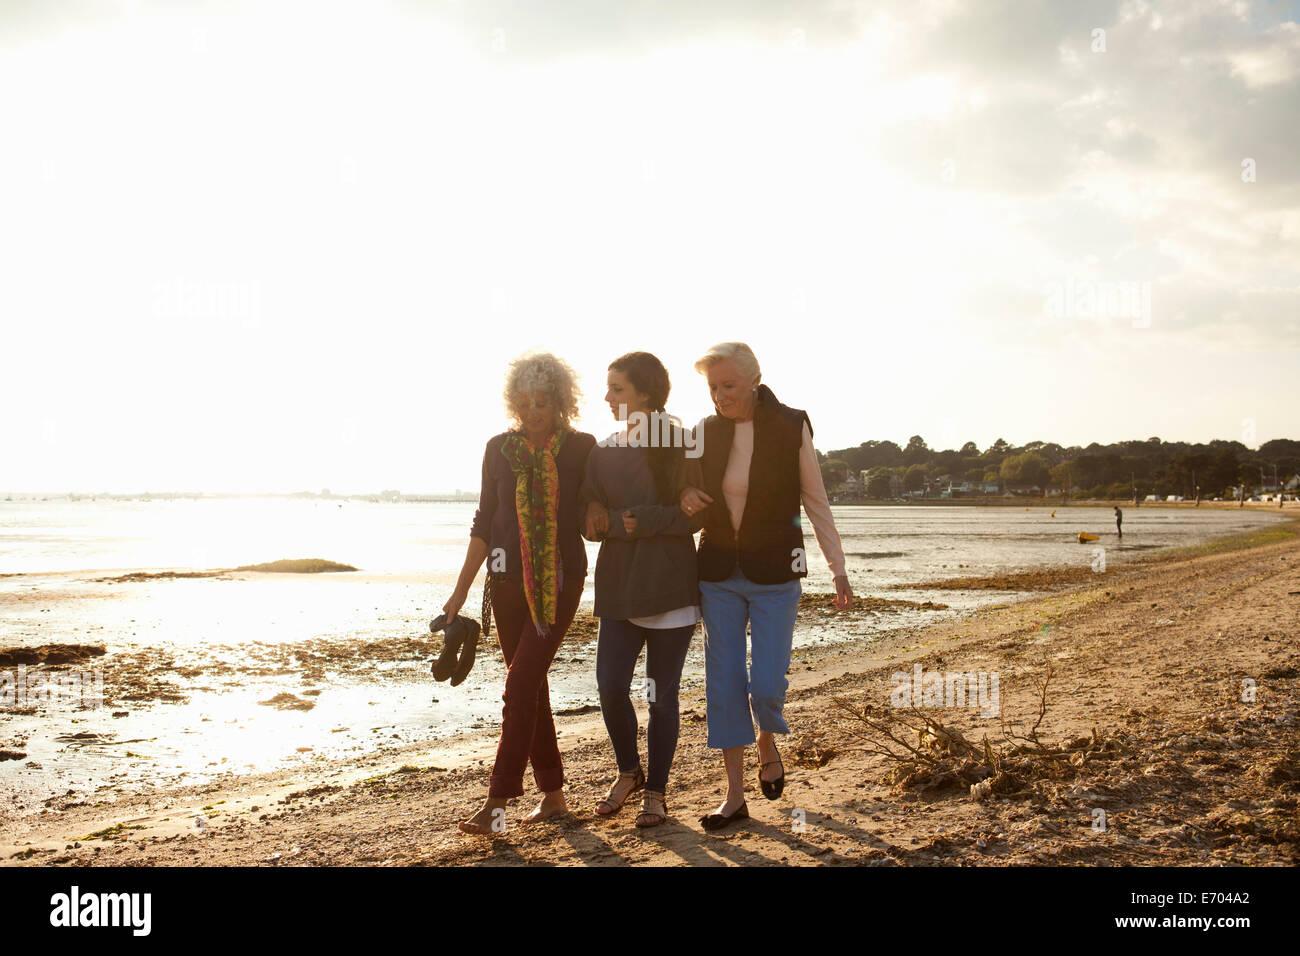 Los miembros femeninos de su familia caminando en la playa Imagen De Stock